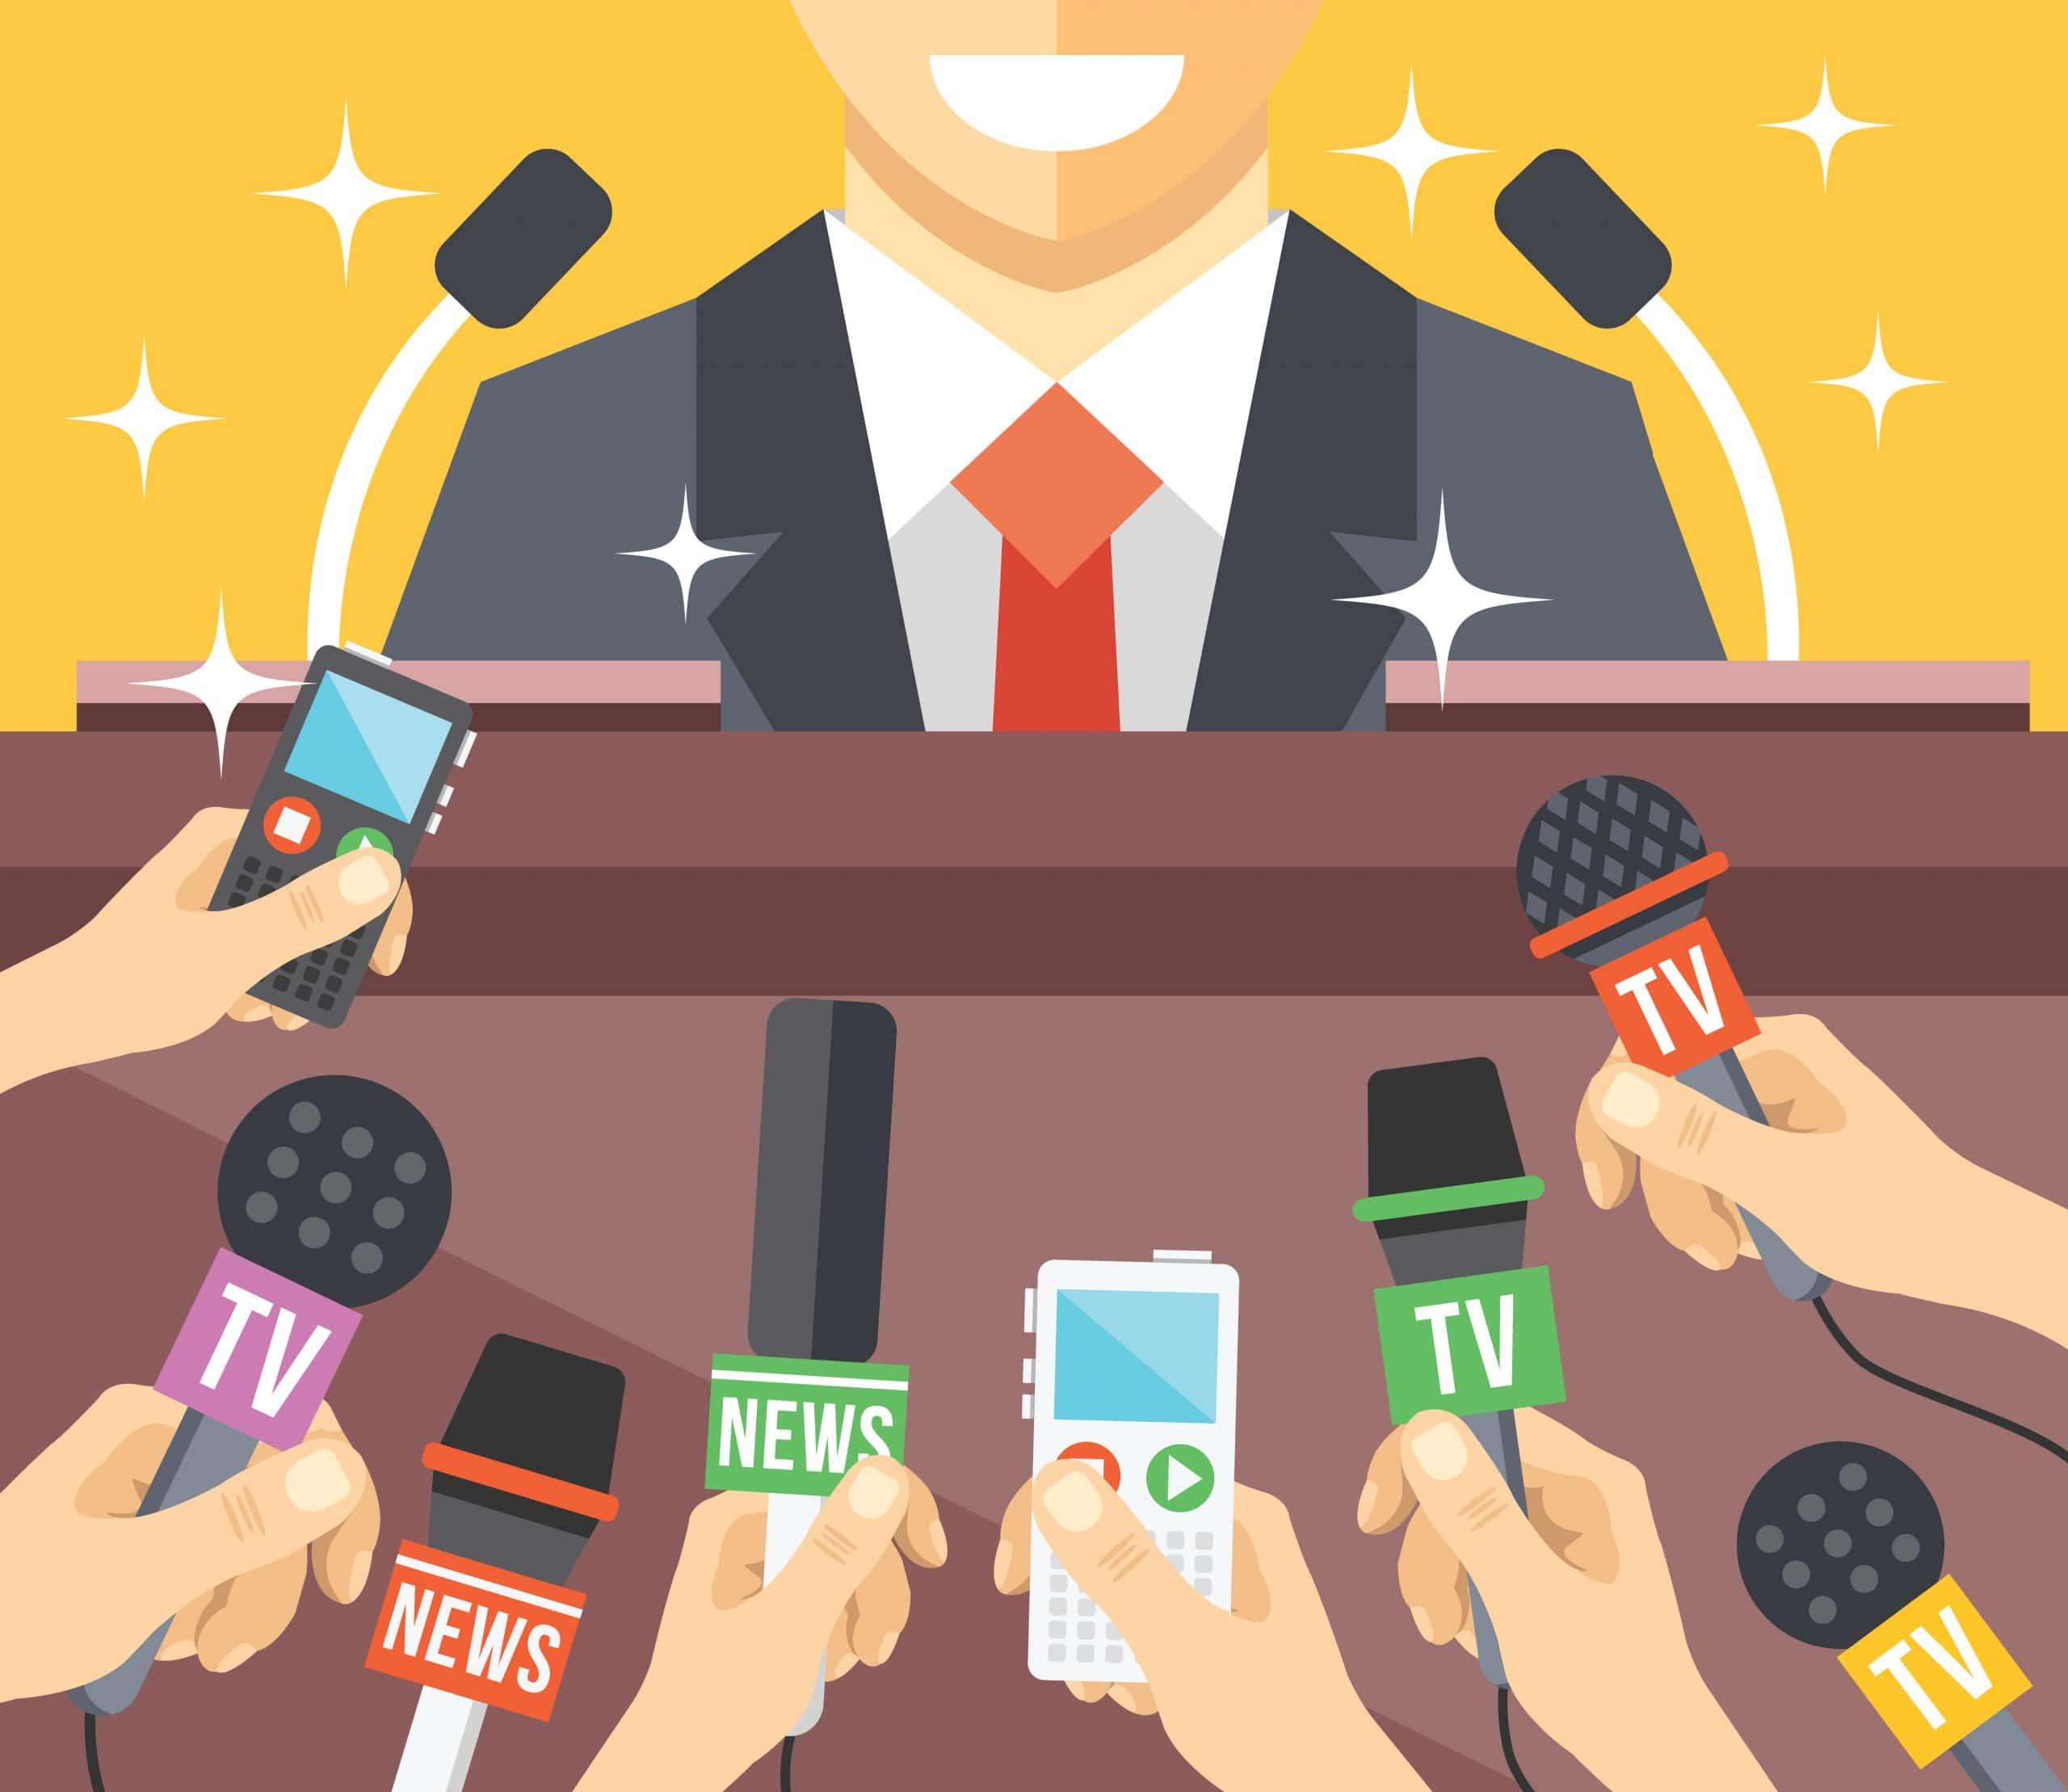 Jornalistas com microfones em torno de homem vestido socialmente